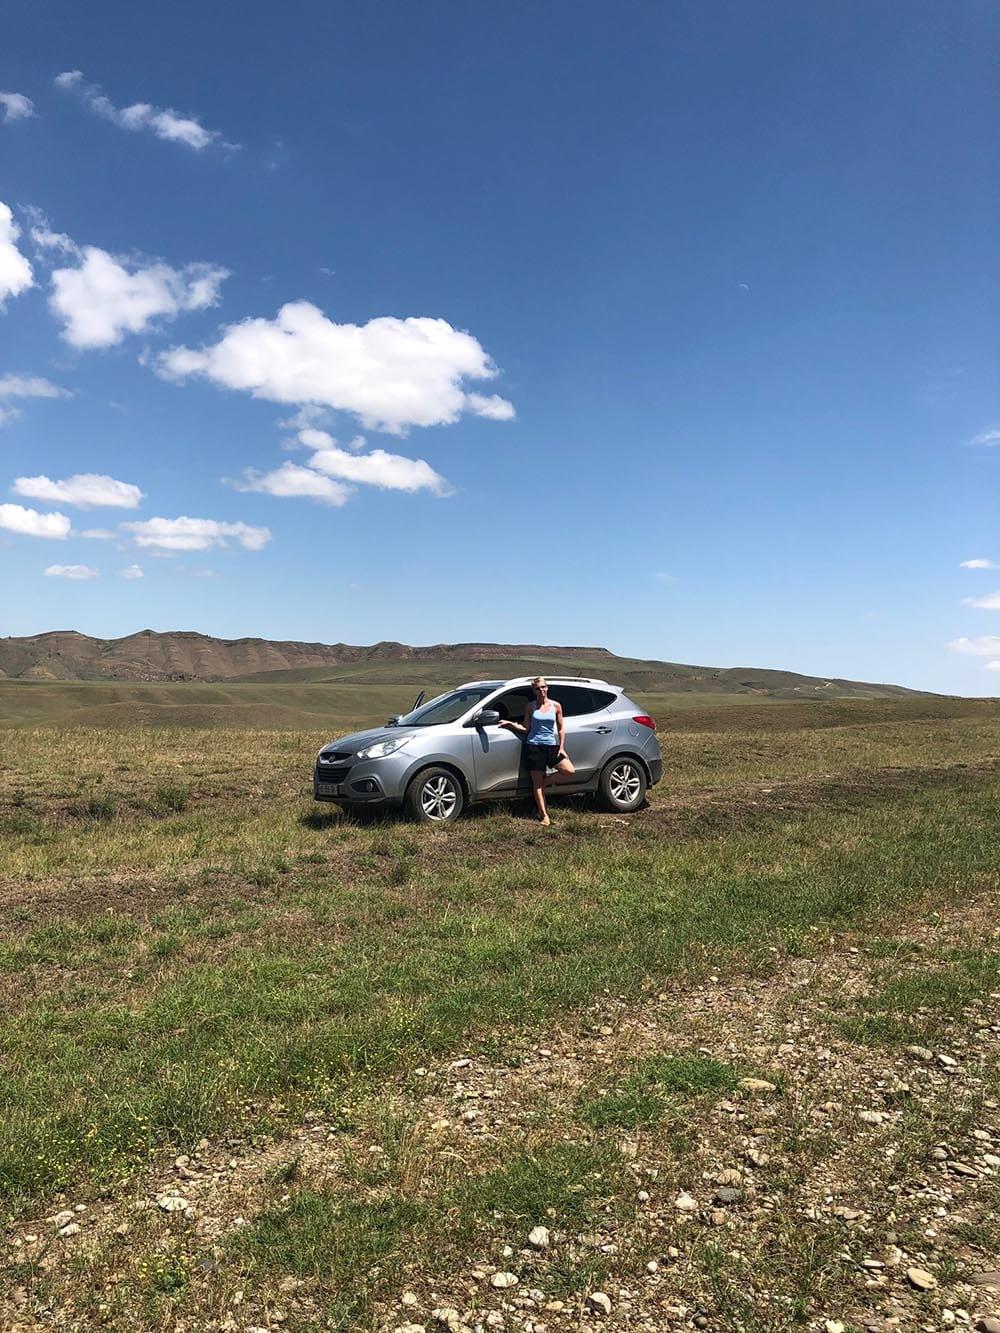 Georgien Urlaub: Tipps & Highlights für eine faszinierende Rundreise – mit dem Mietwagen unterwegs